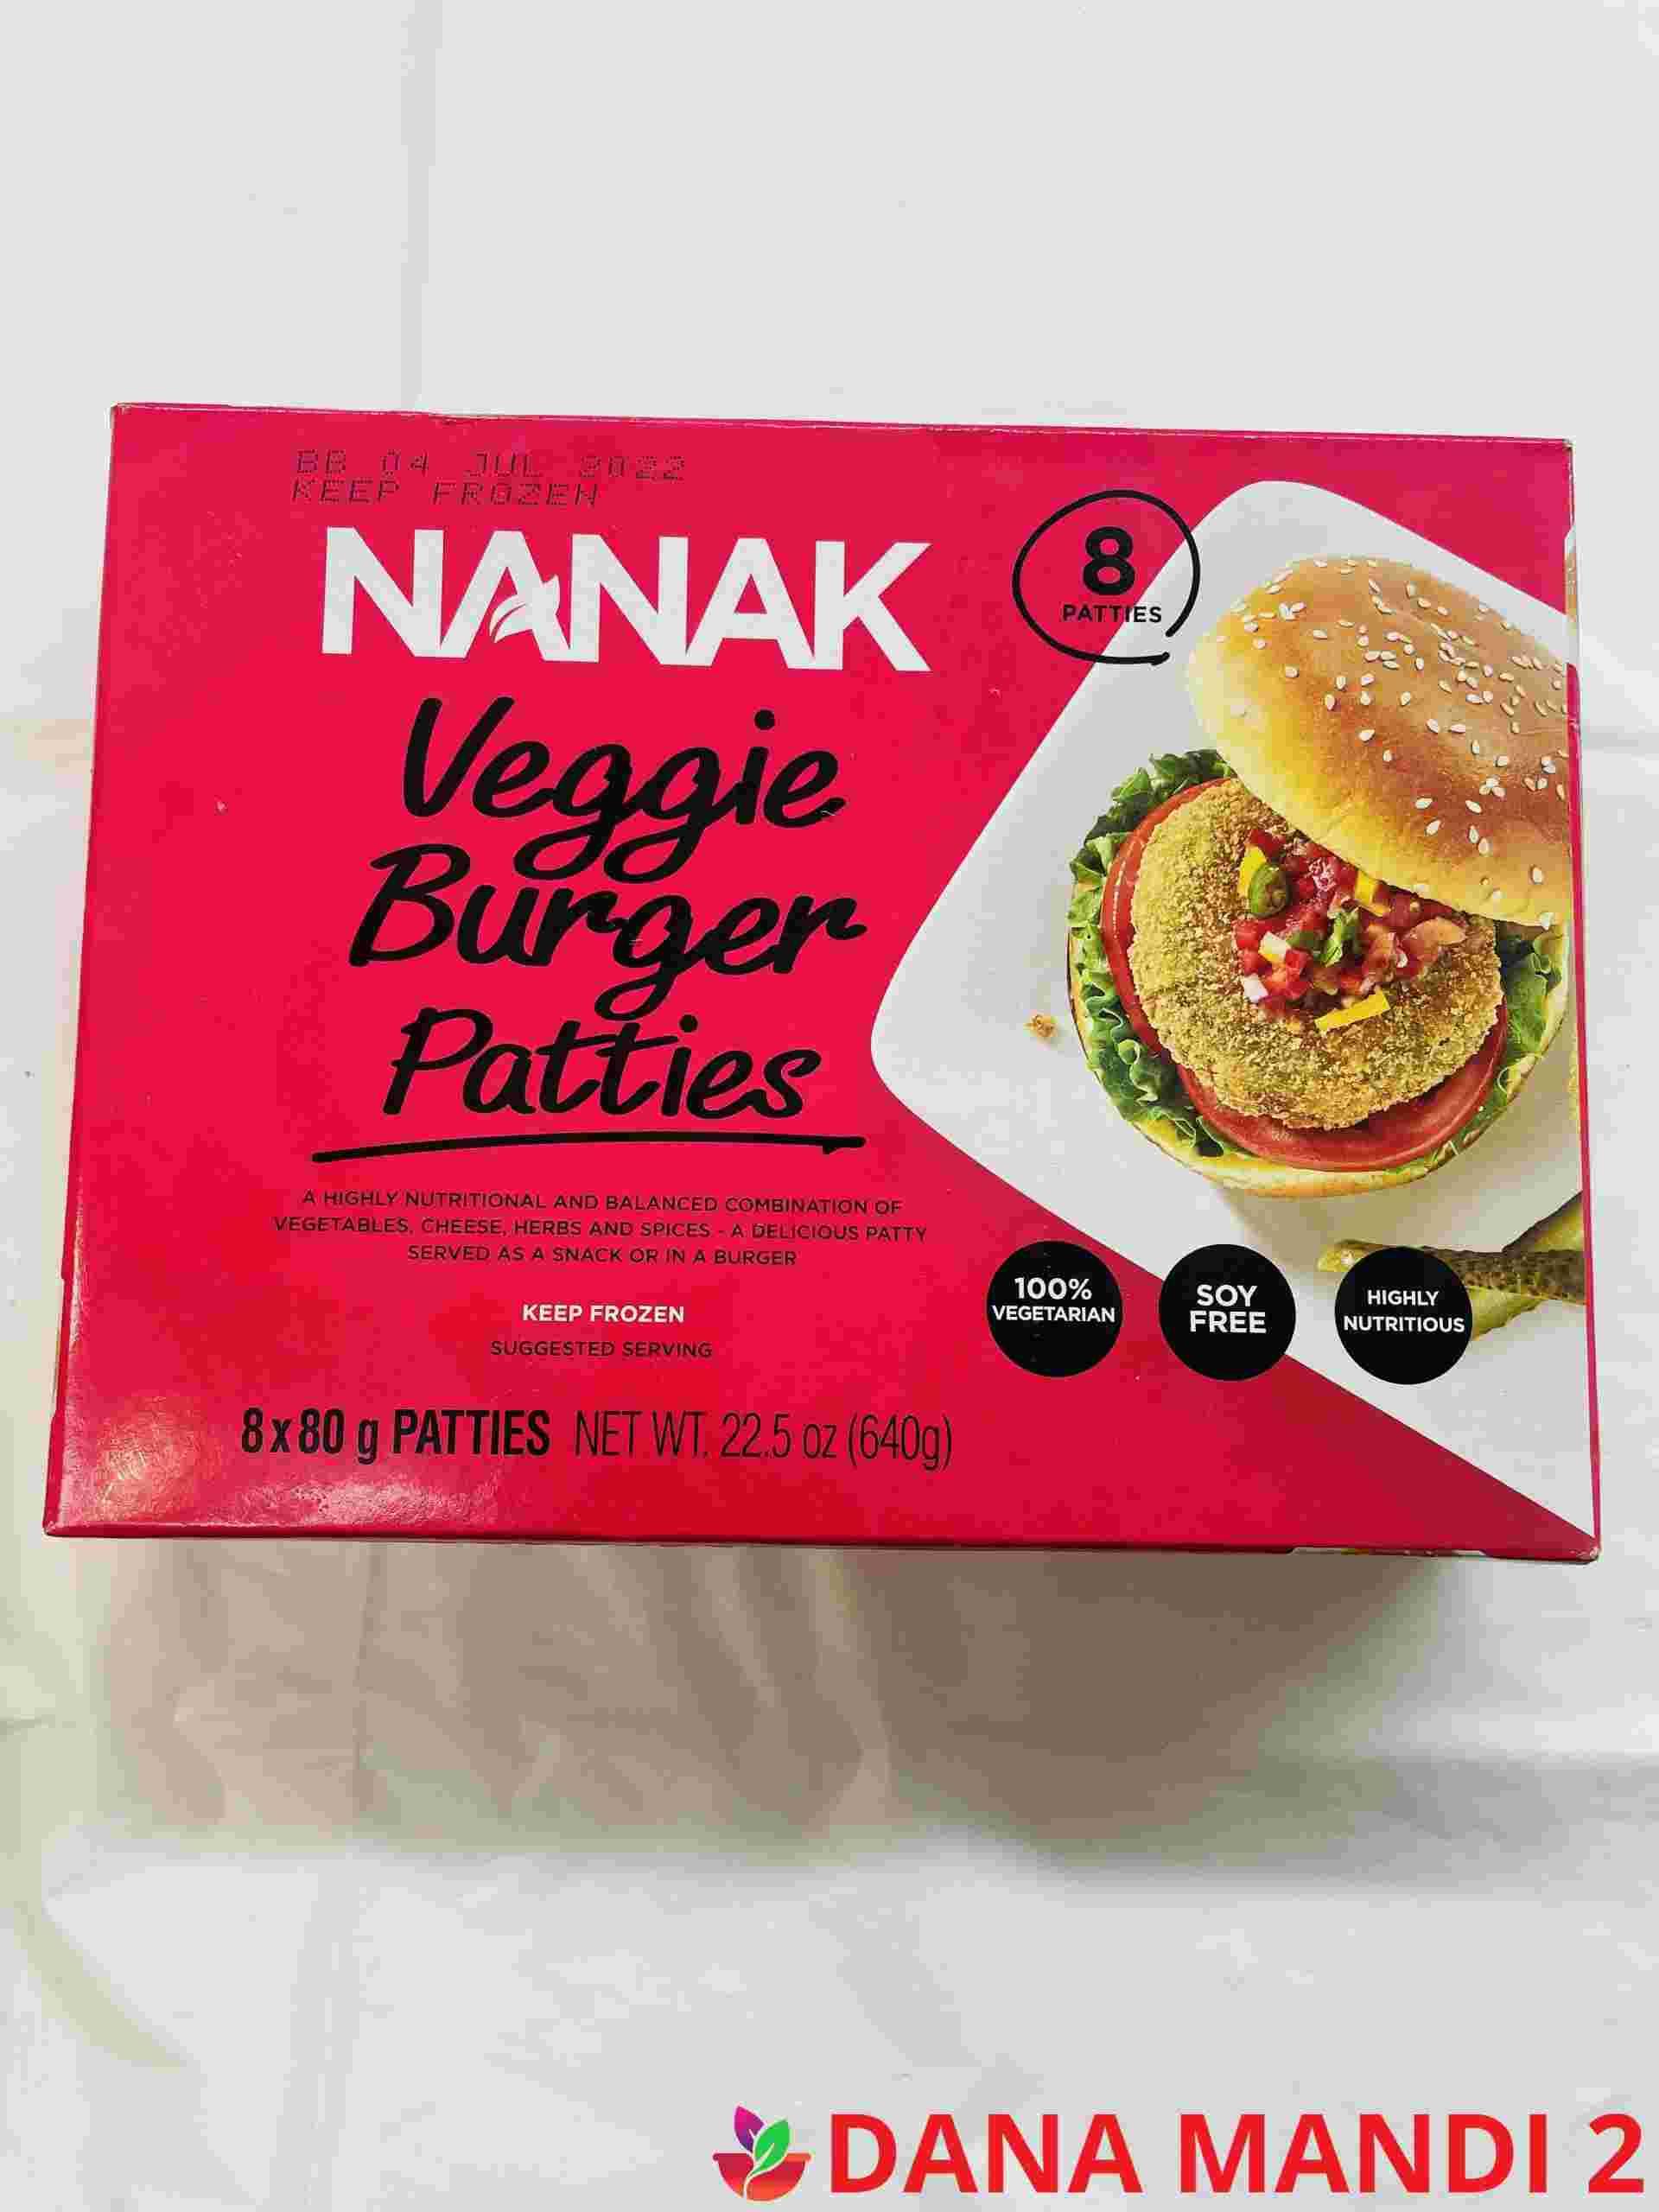 Nanak Veggie Burger Patties 8 Pieces